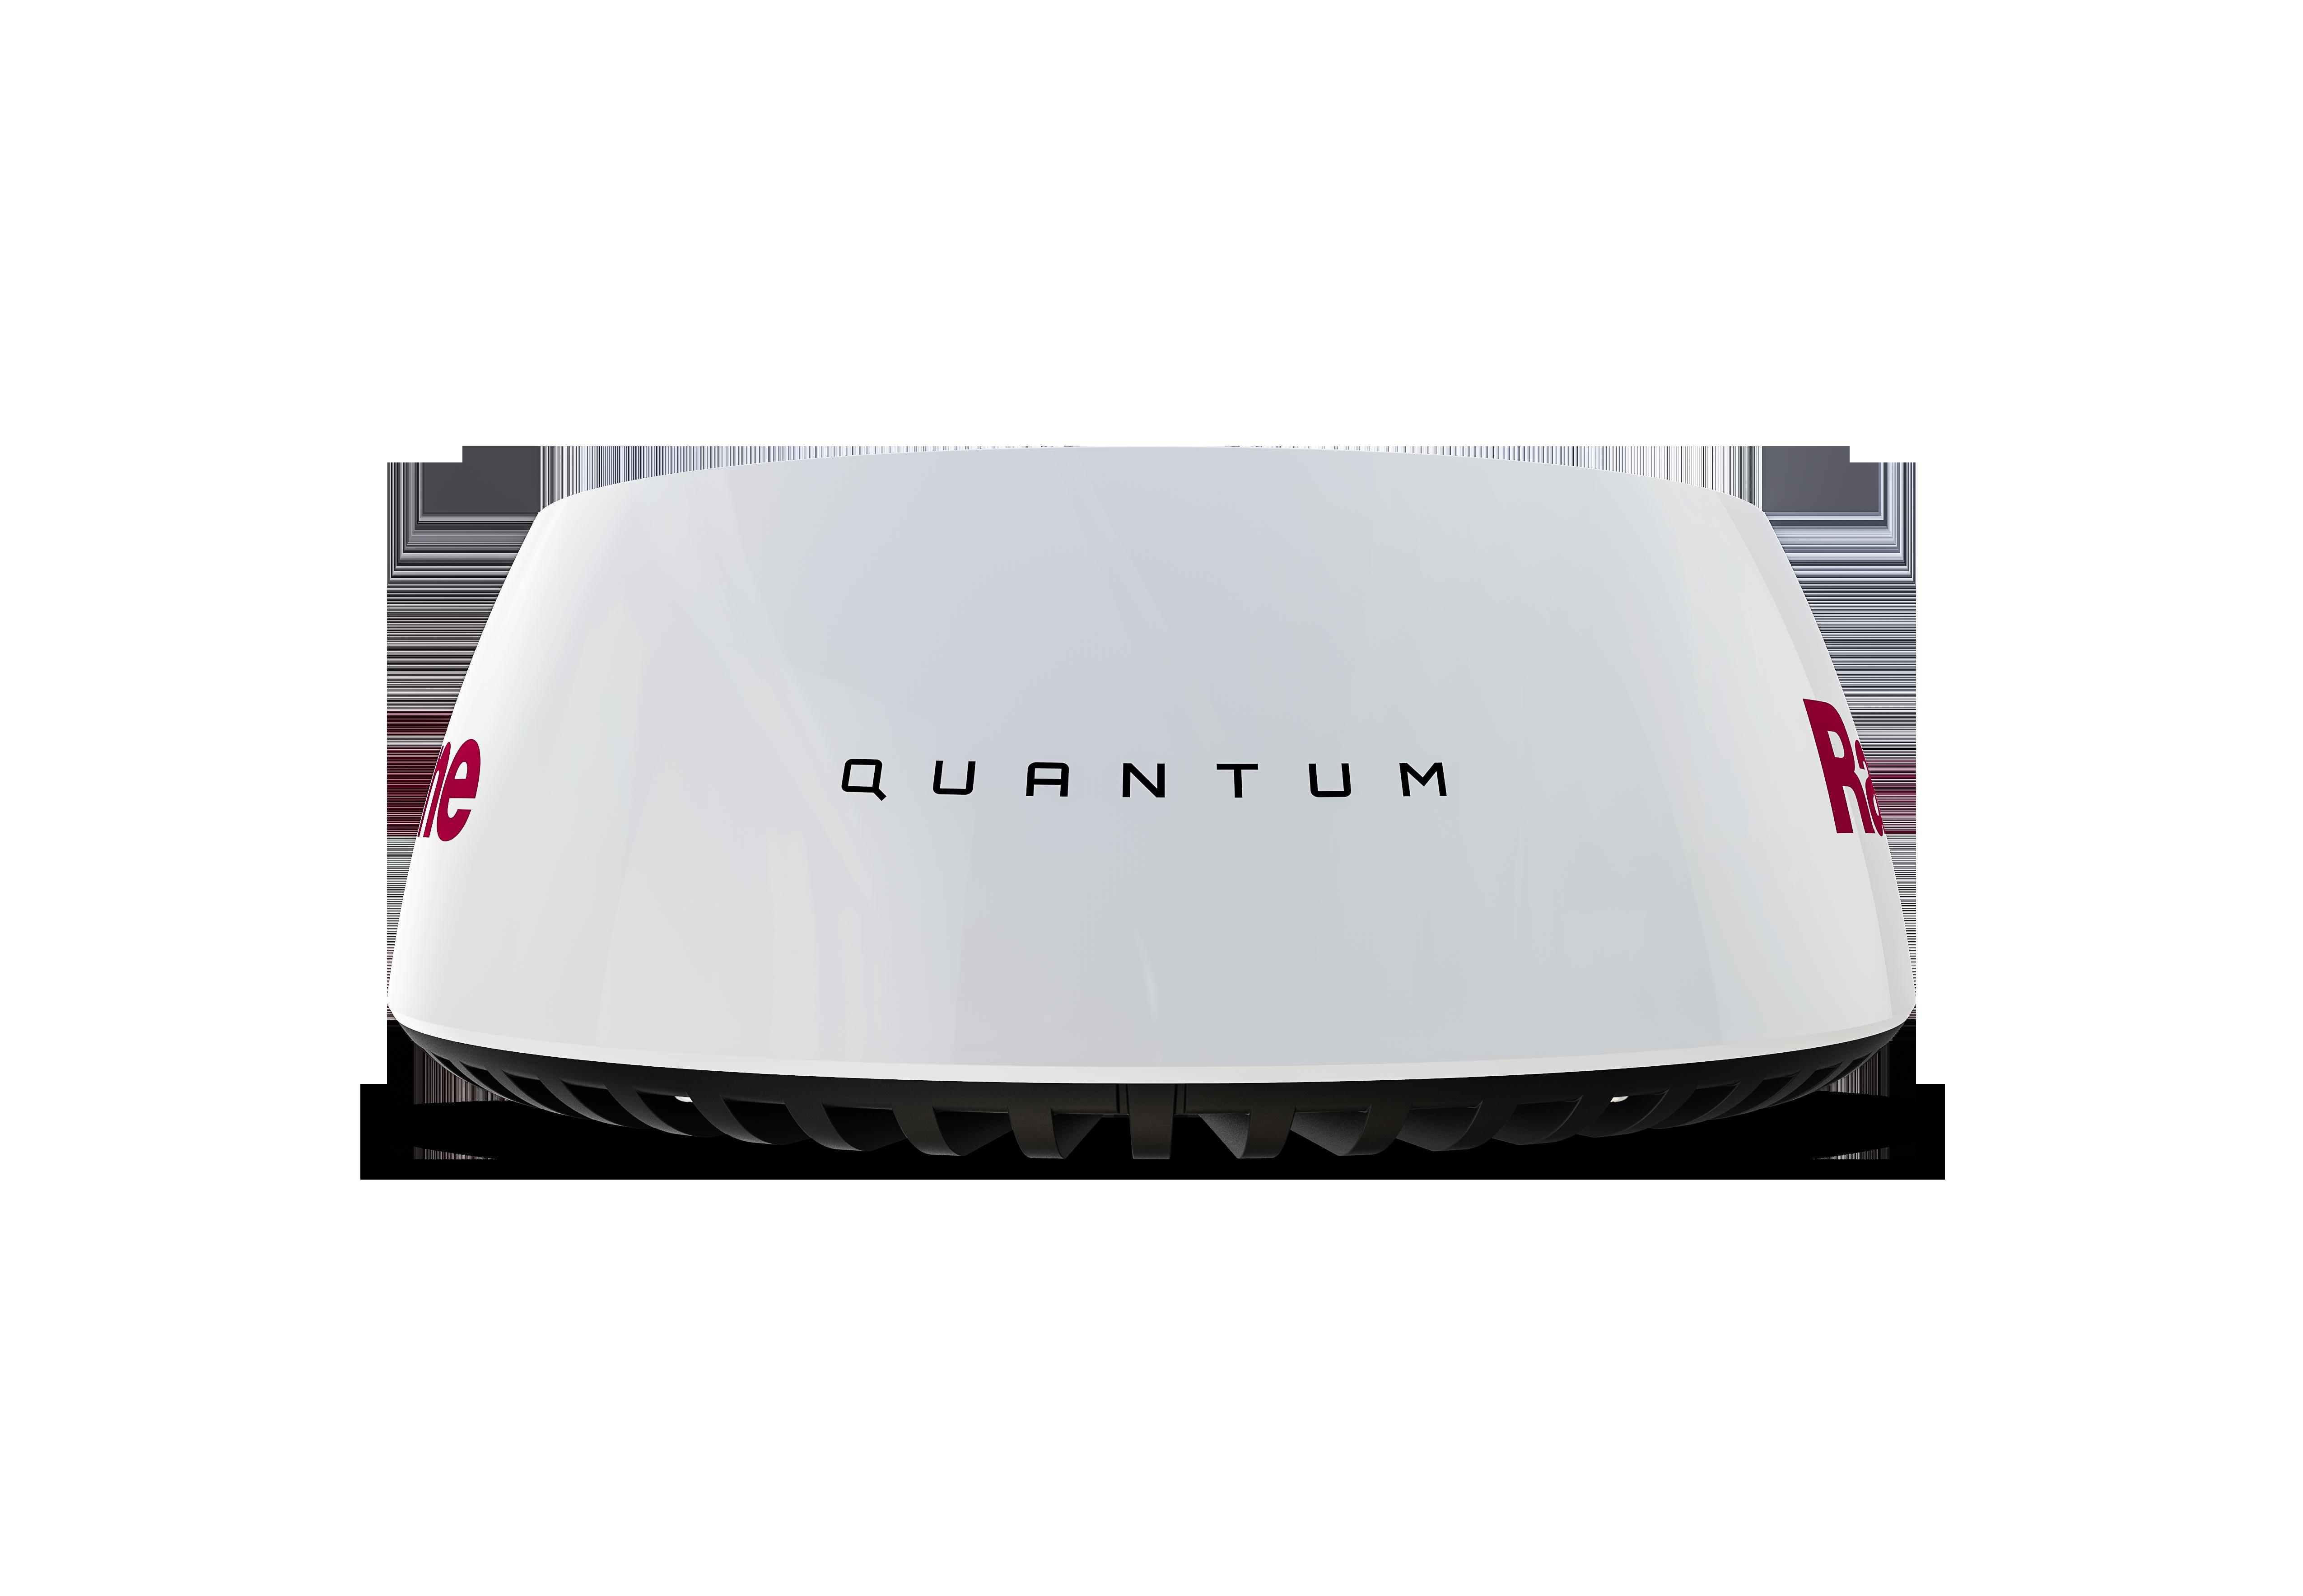 quantum radar front view